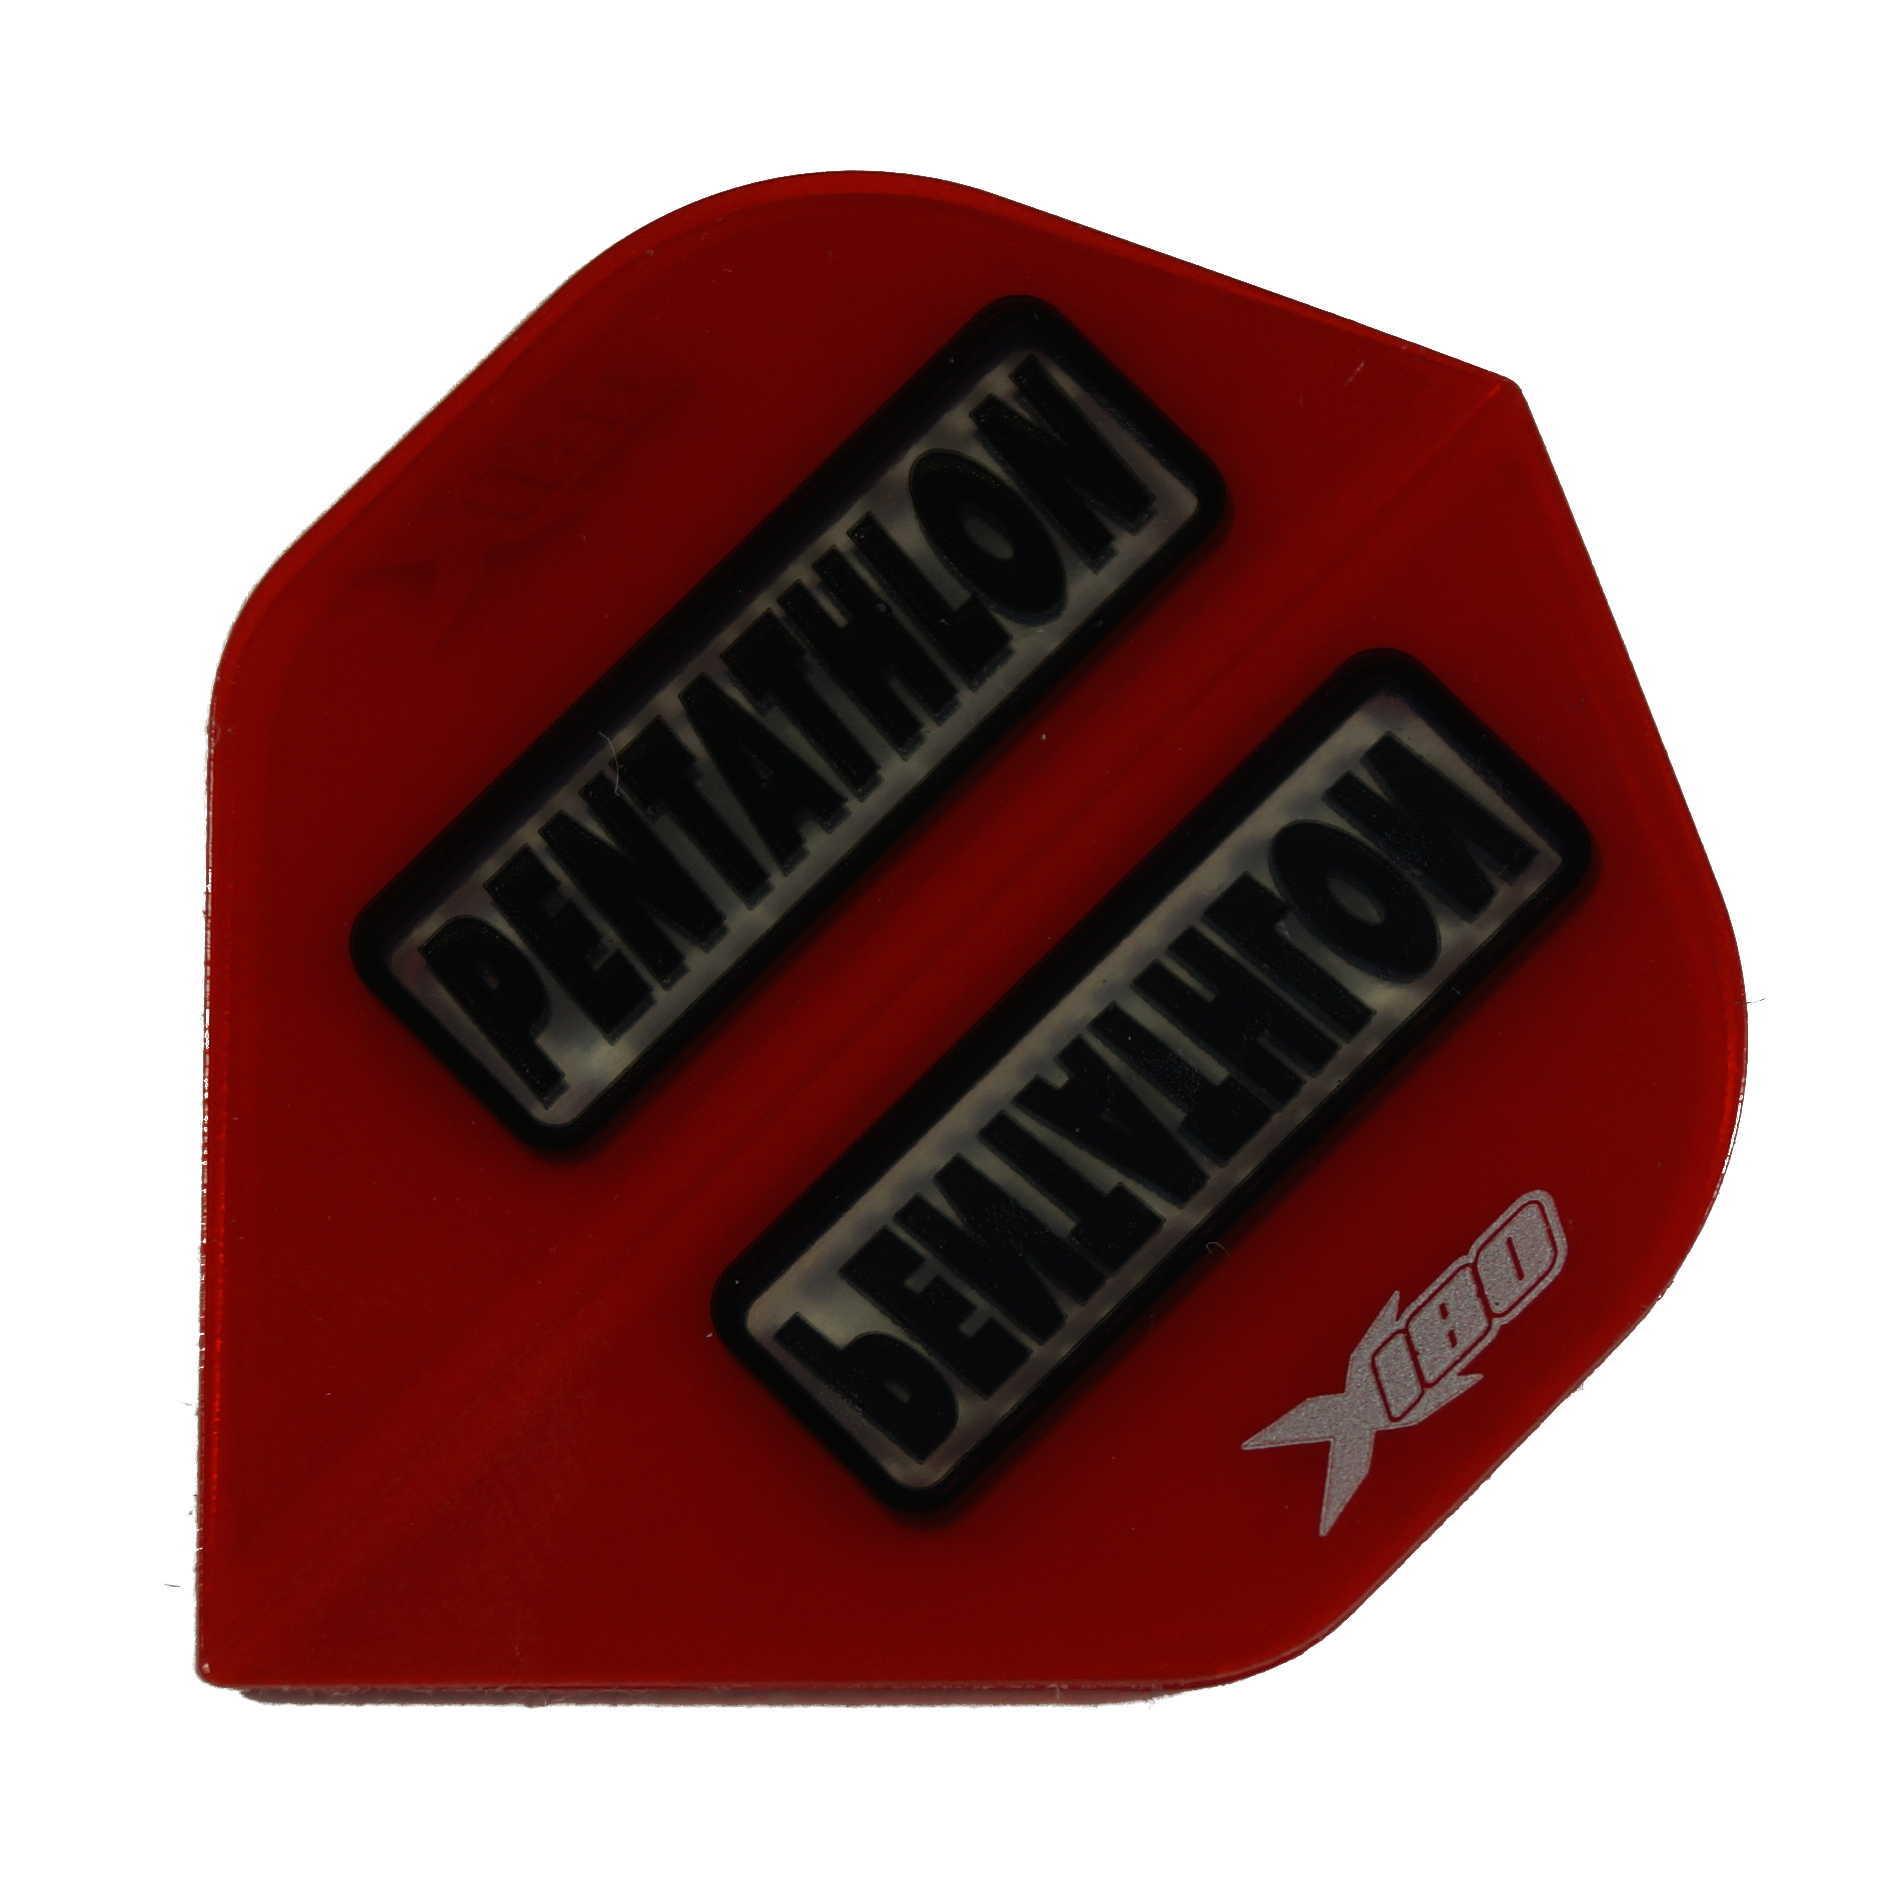 Pentathlon Flights X180 rot-transp. Standard